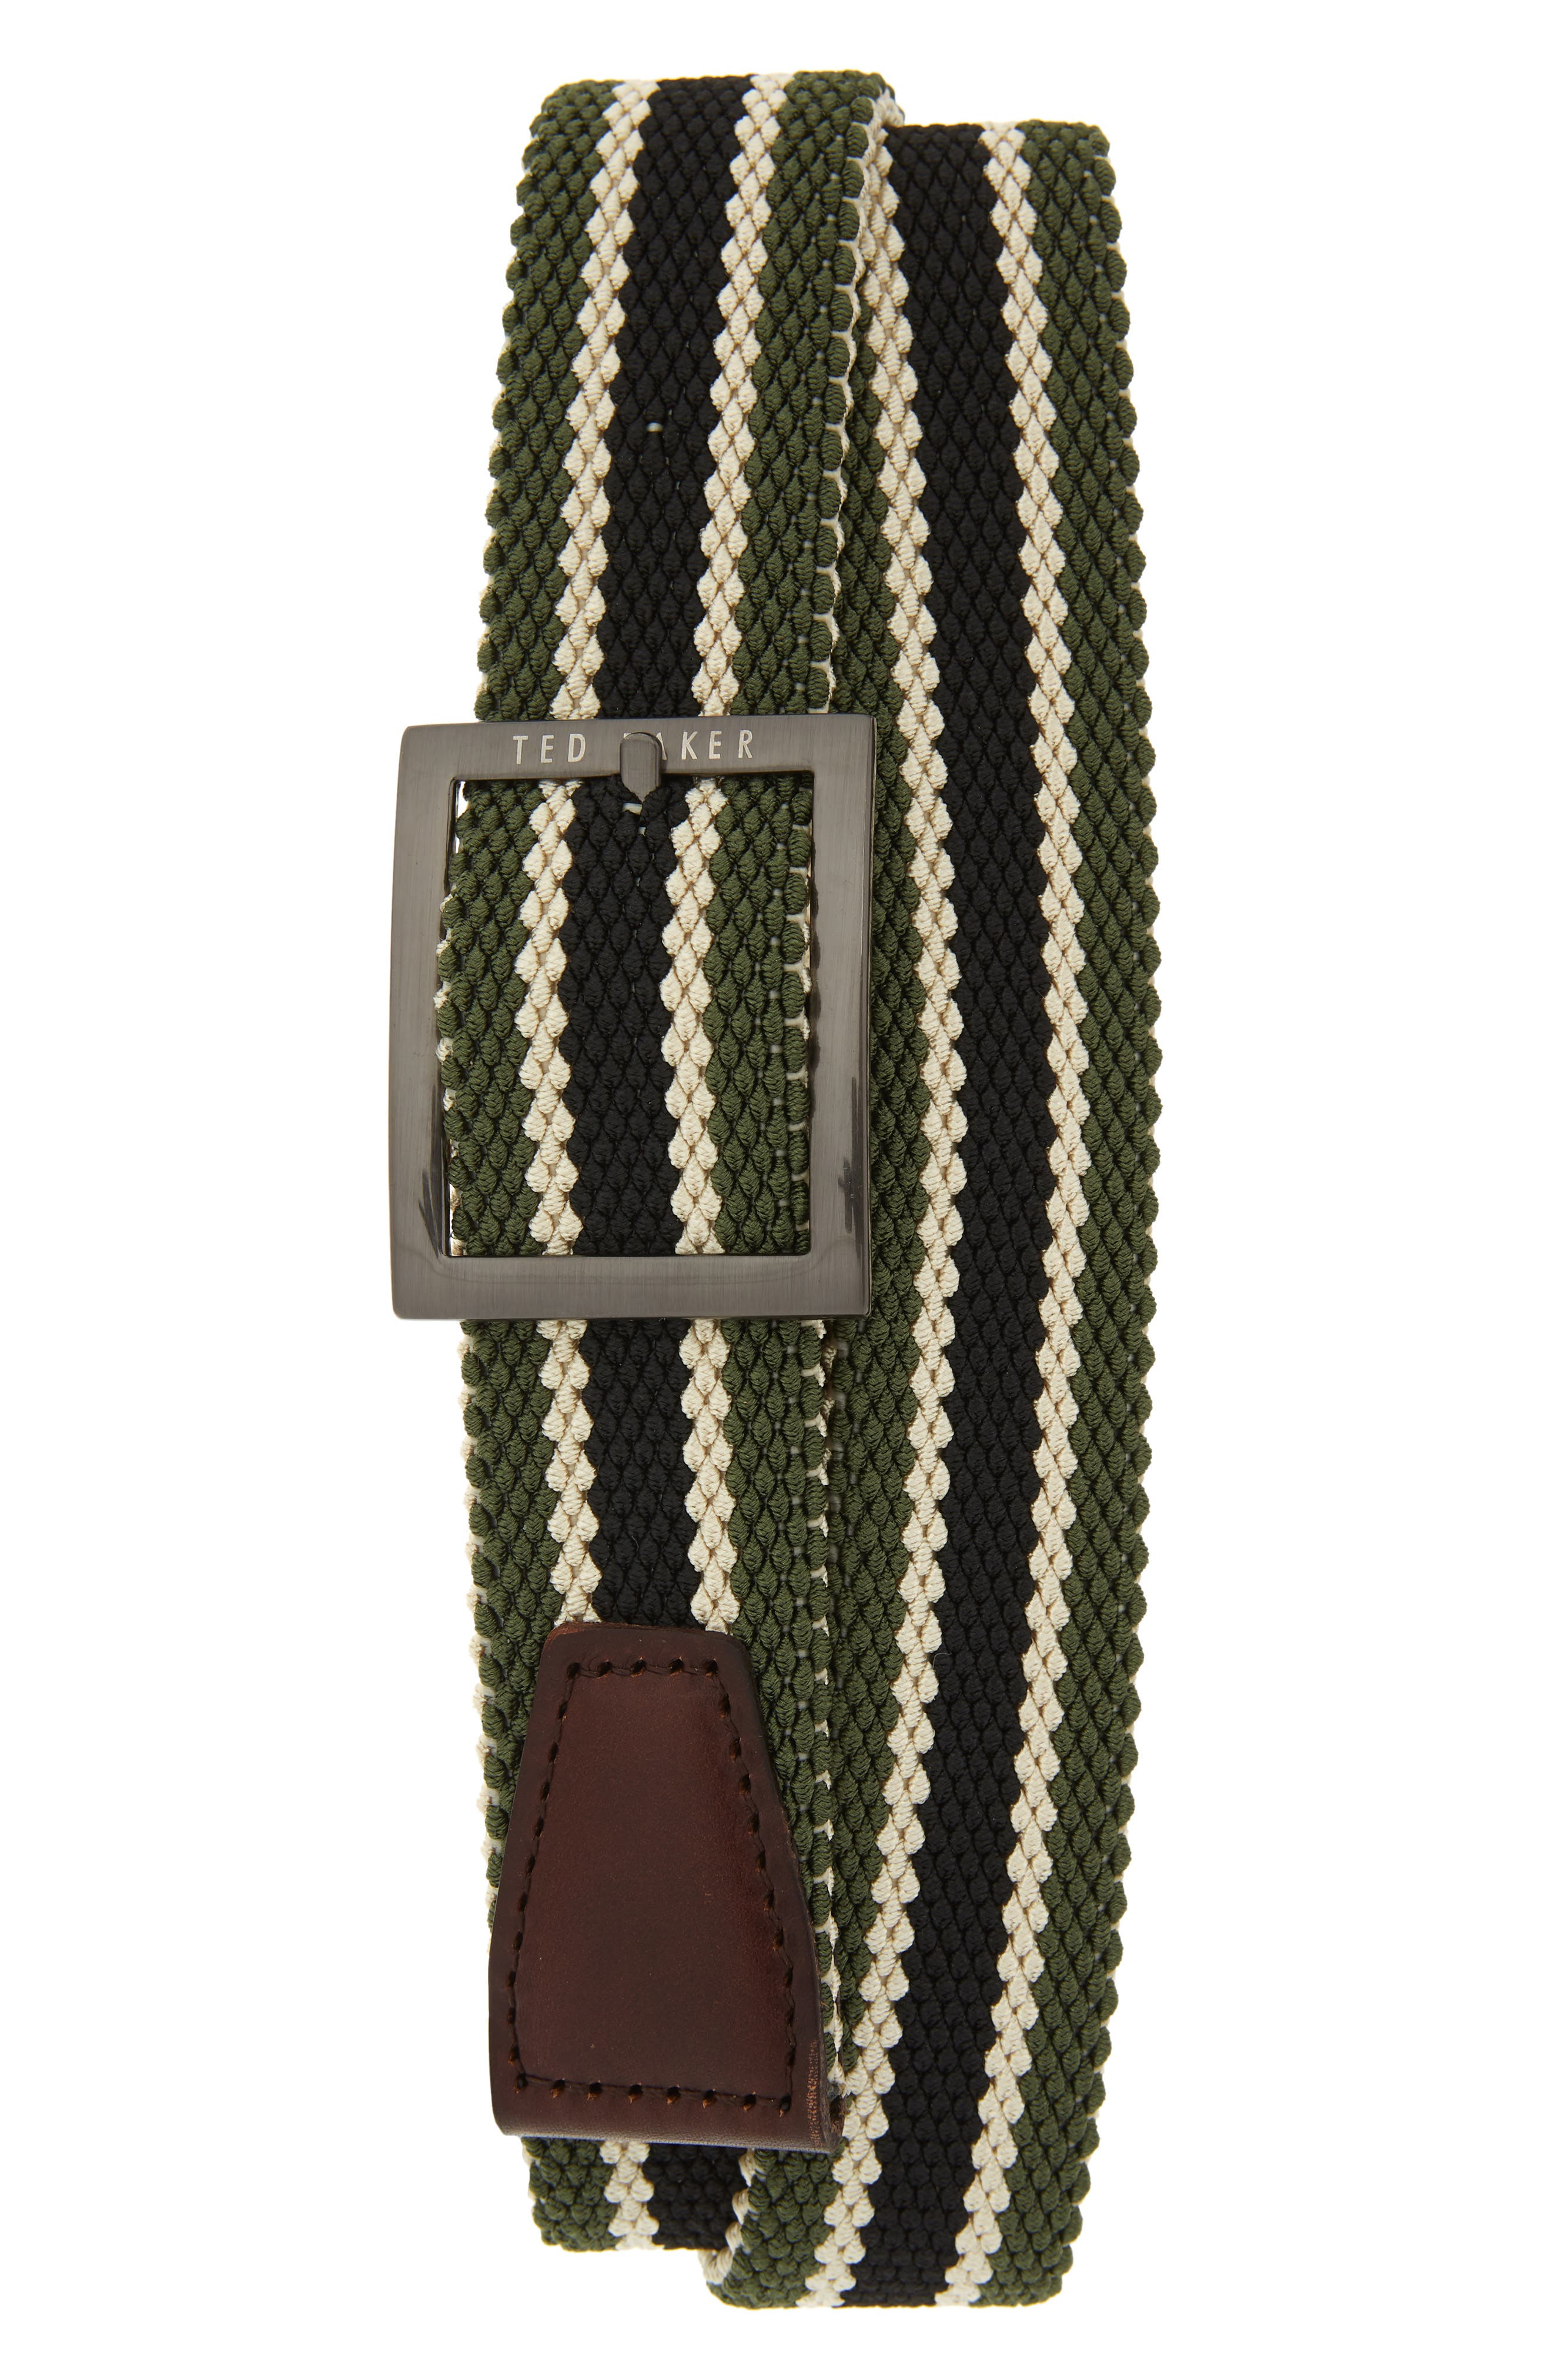 Ted Baker London Reversible Stretch Belt, Olive